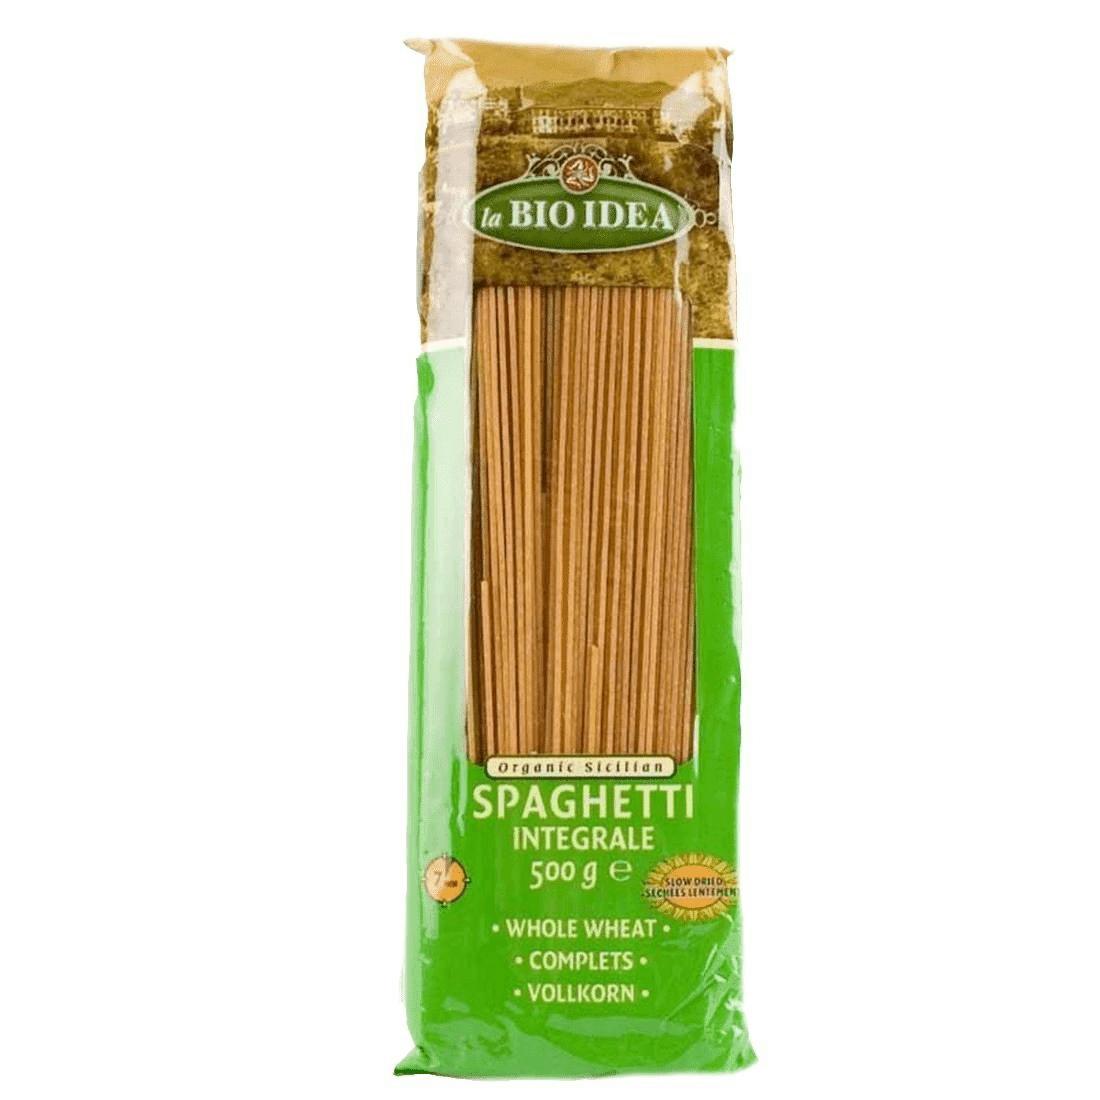 Les Délices De Sarah Pâte spaghetti complète 500g--la bio idea